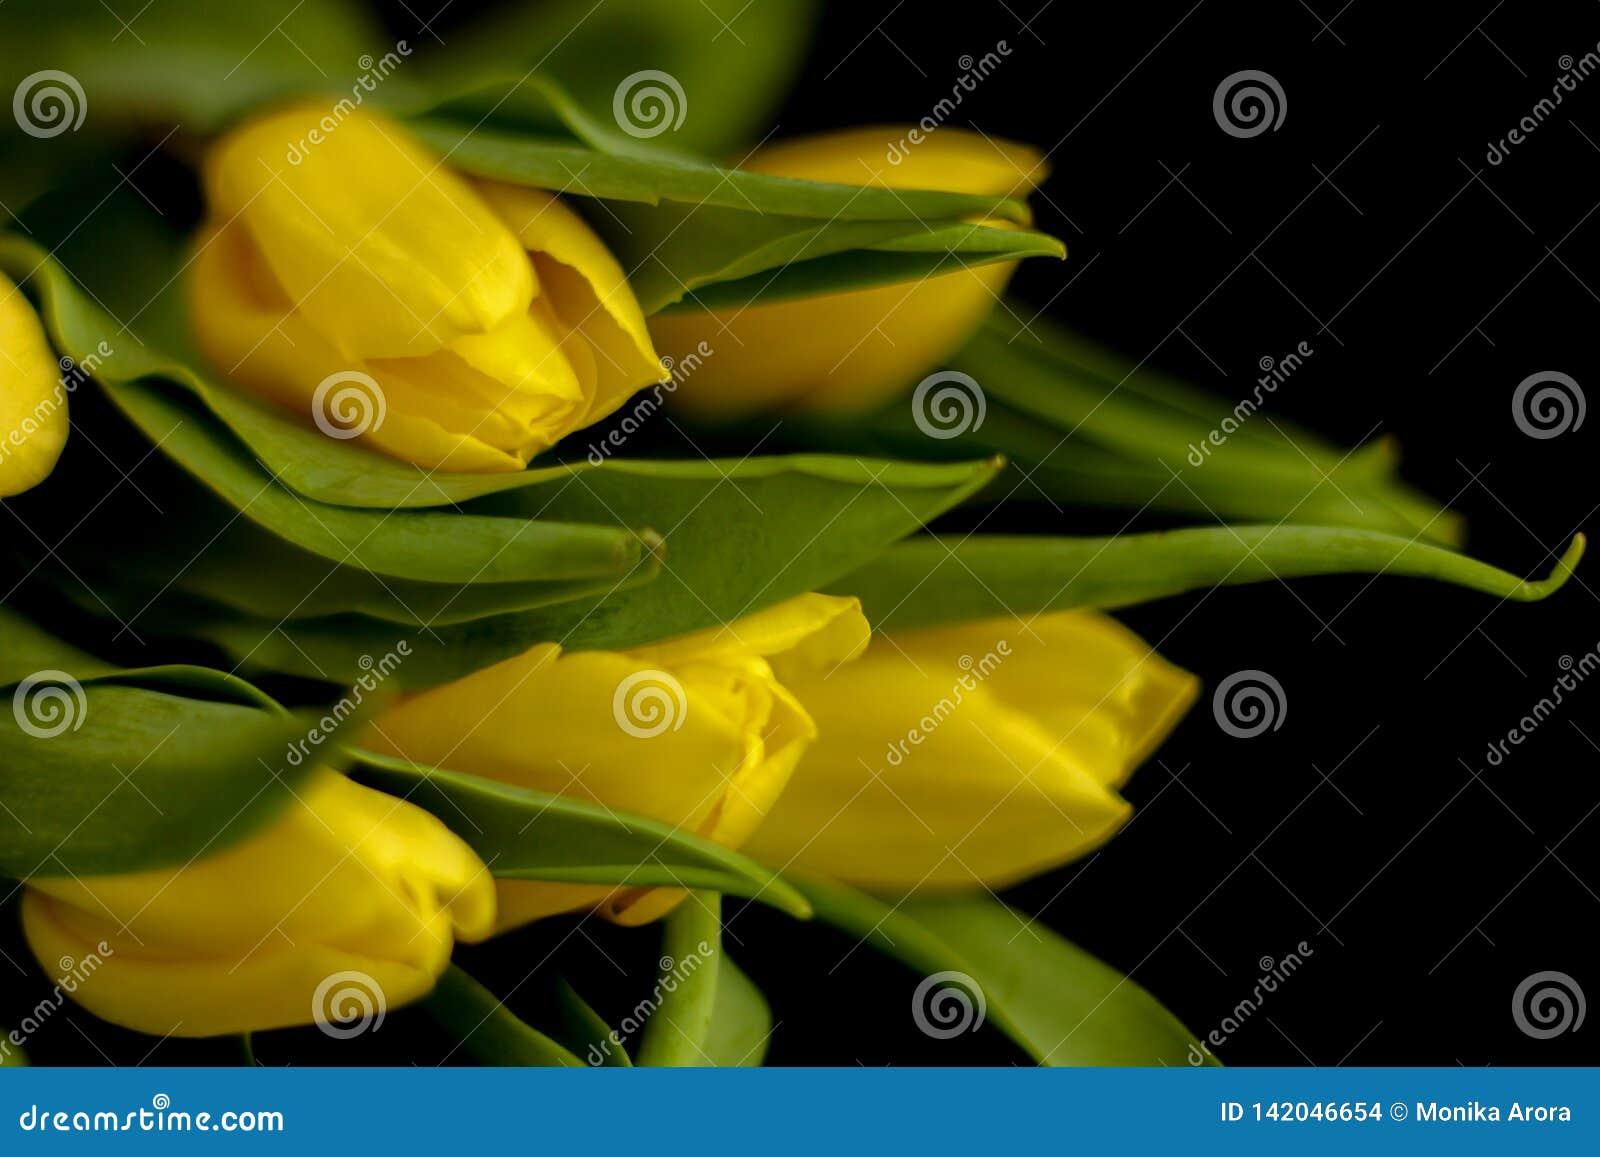 Flores de la primavera - concepto perfecto para los medios sociales